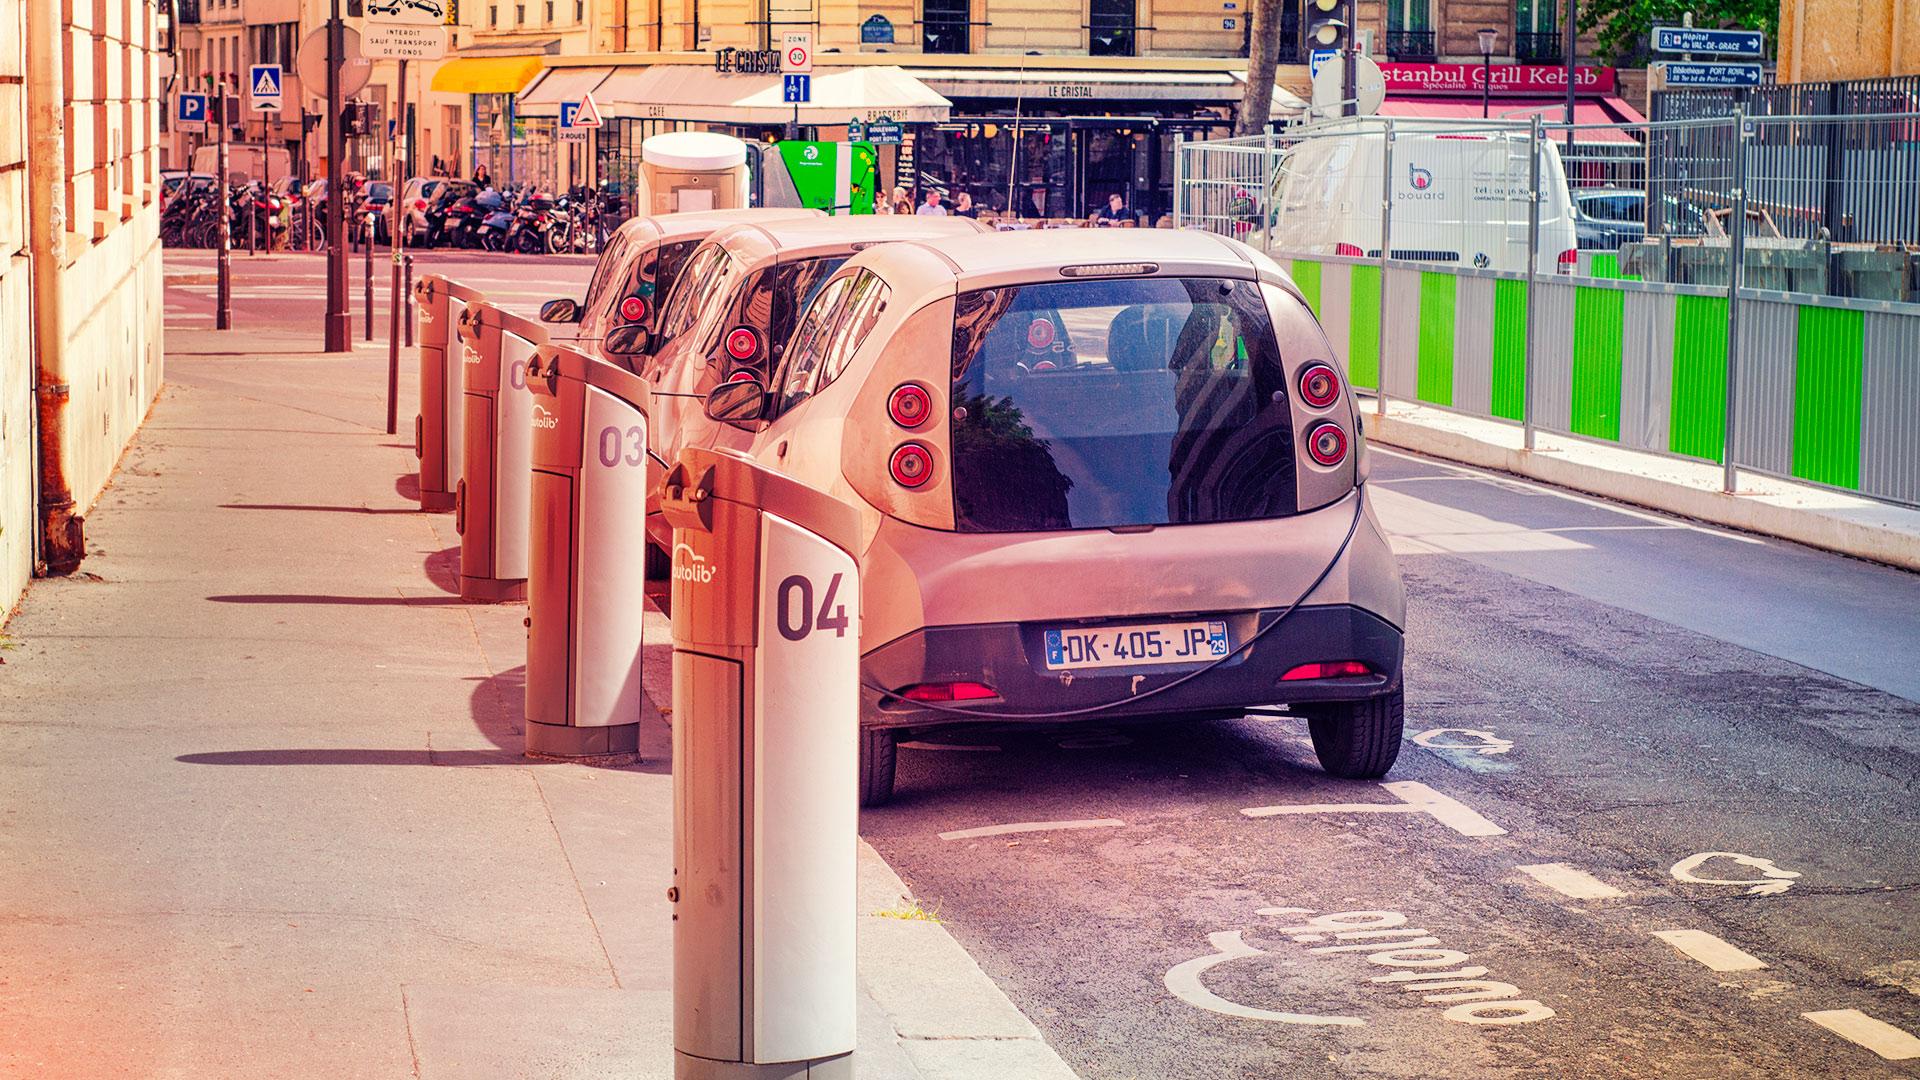 Réflexions sur les disruptions urbaines dans la mobilité